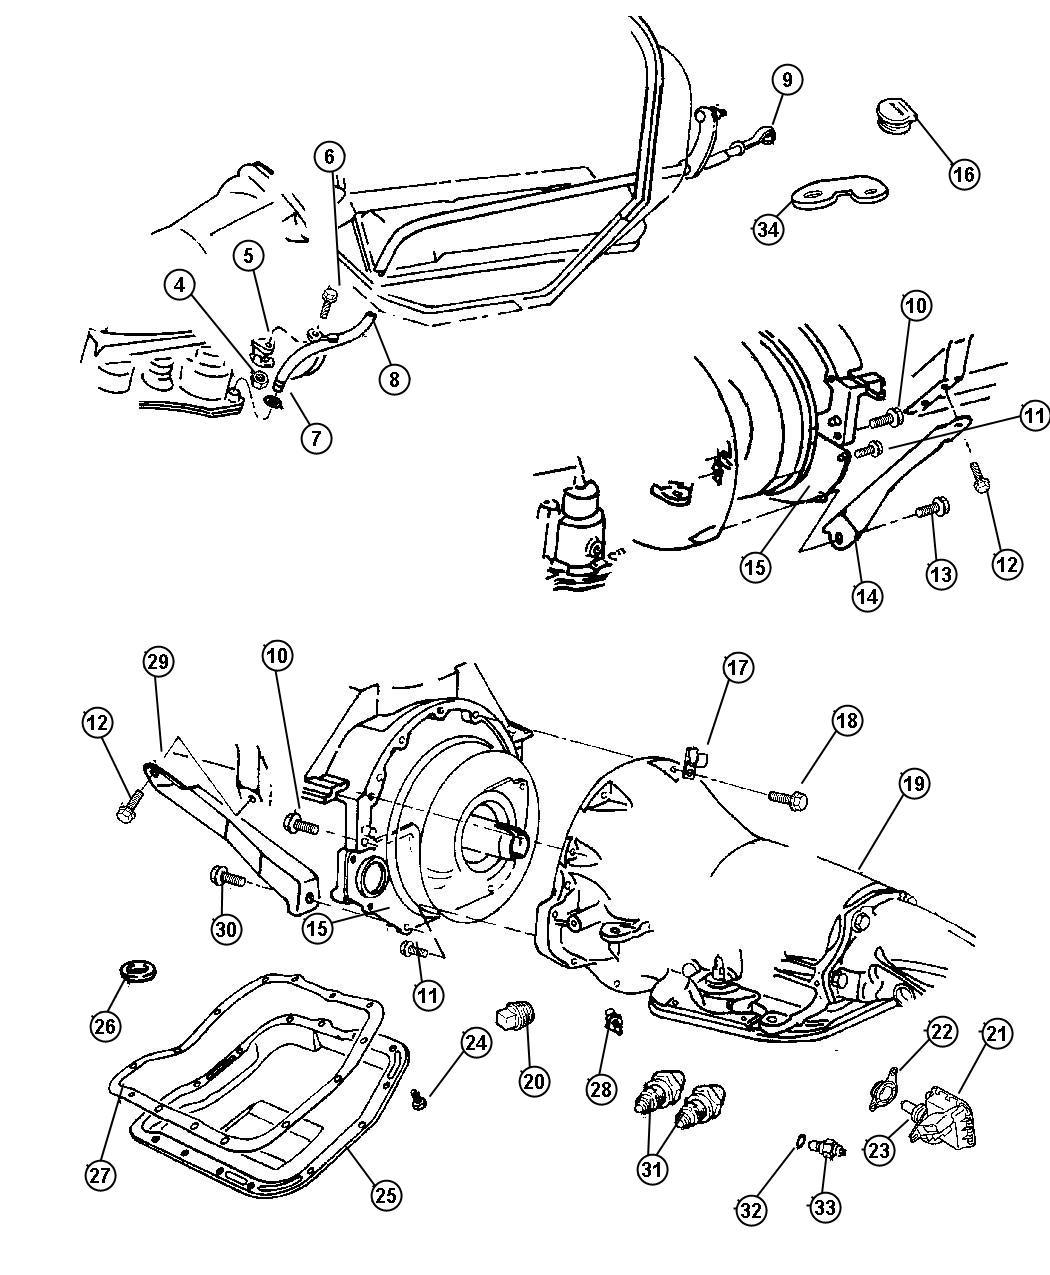 [DIAGRAM] Dodge Ram 46re Transmission Diagrams FULL